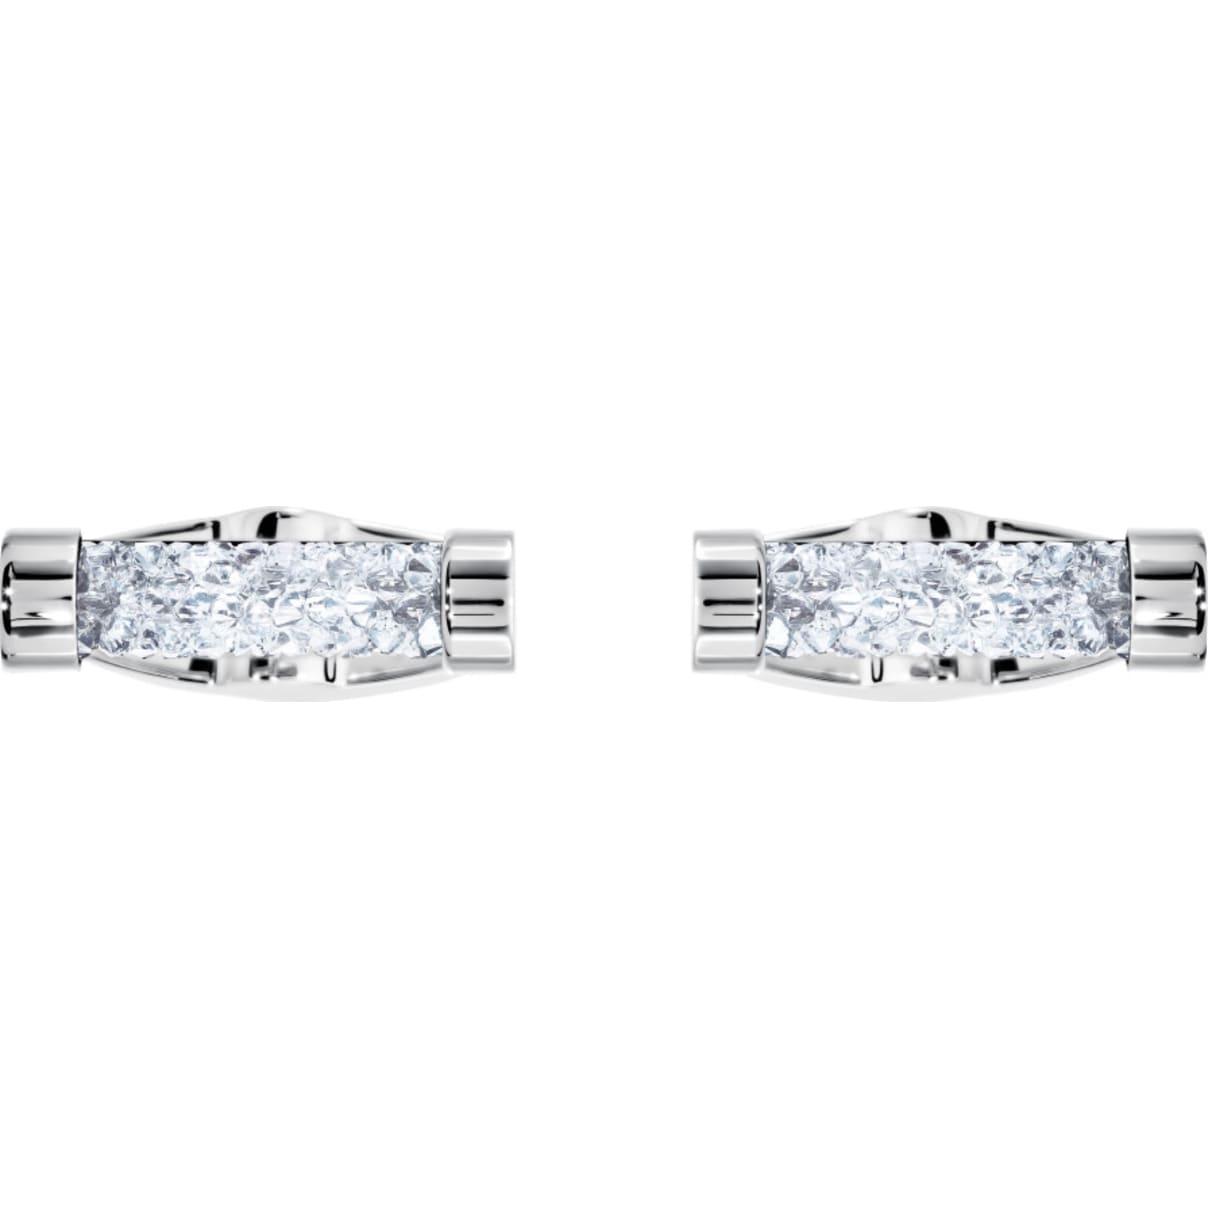 Swarovski Crystaldust Cuff Links, White, Stainless steel